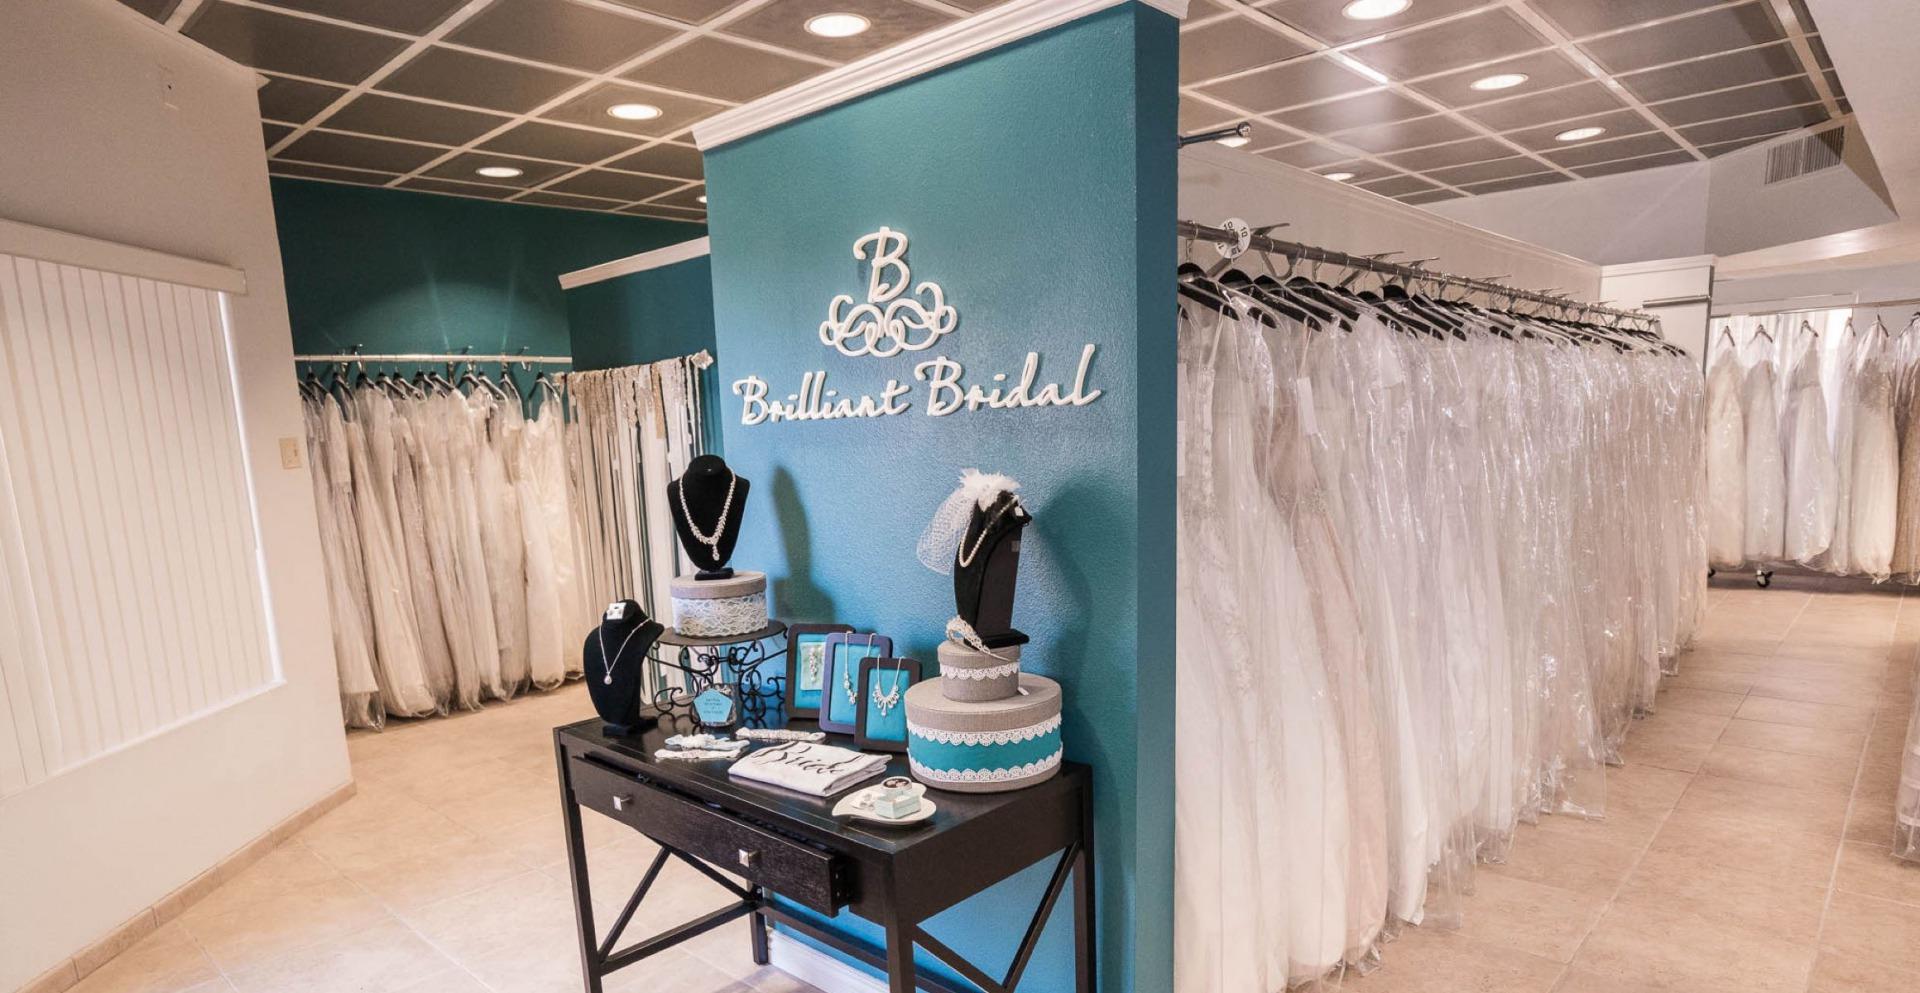 Brilliant Bridal Las Vegas